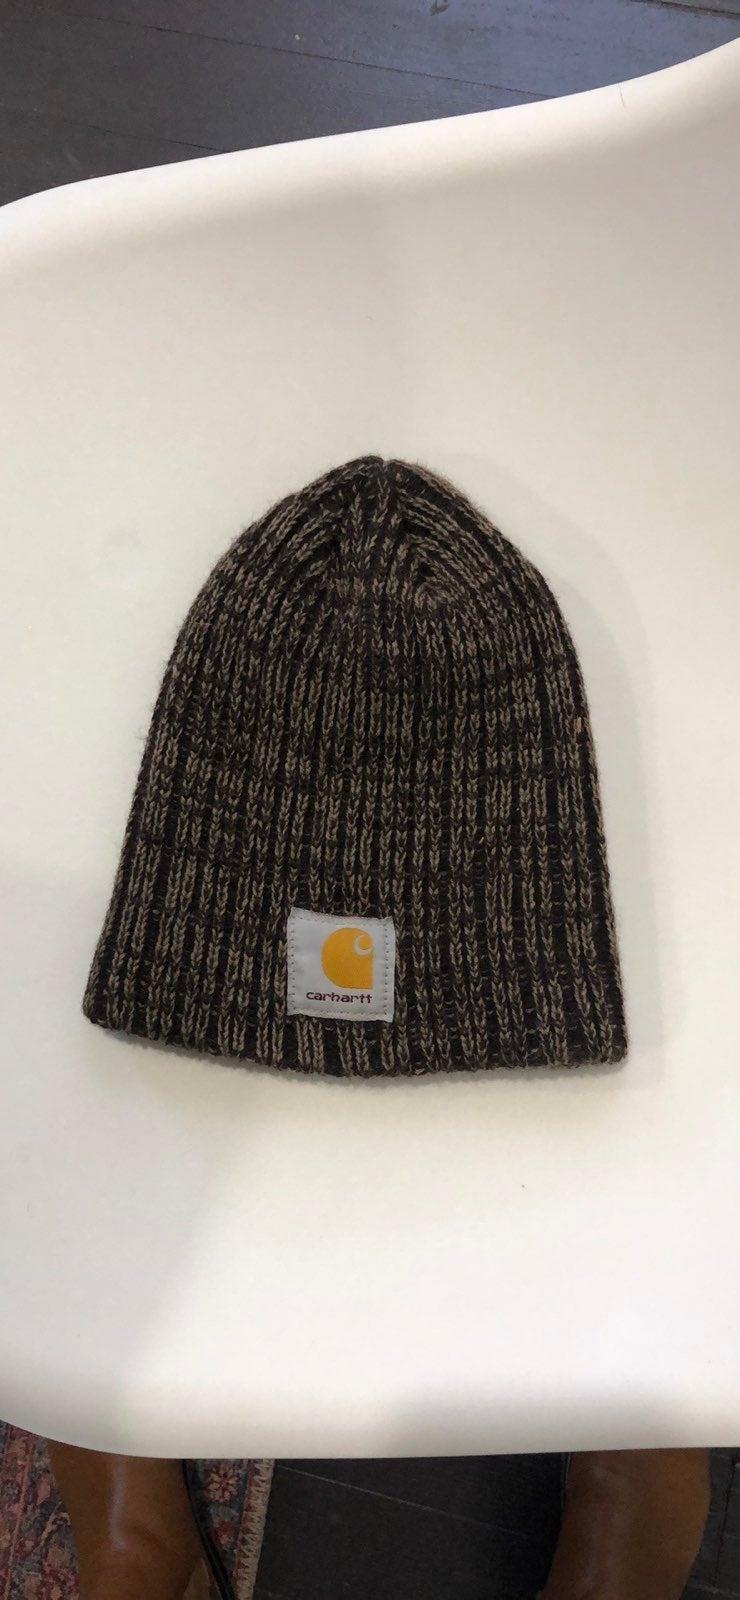 Carhartt Beanie knit hat brown